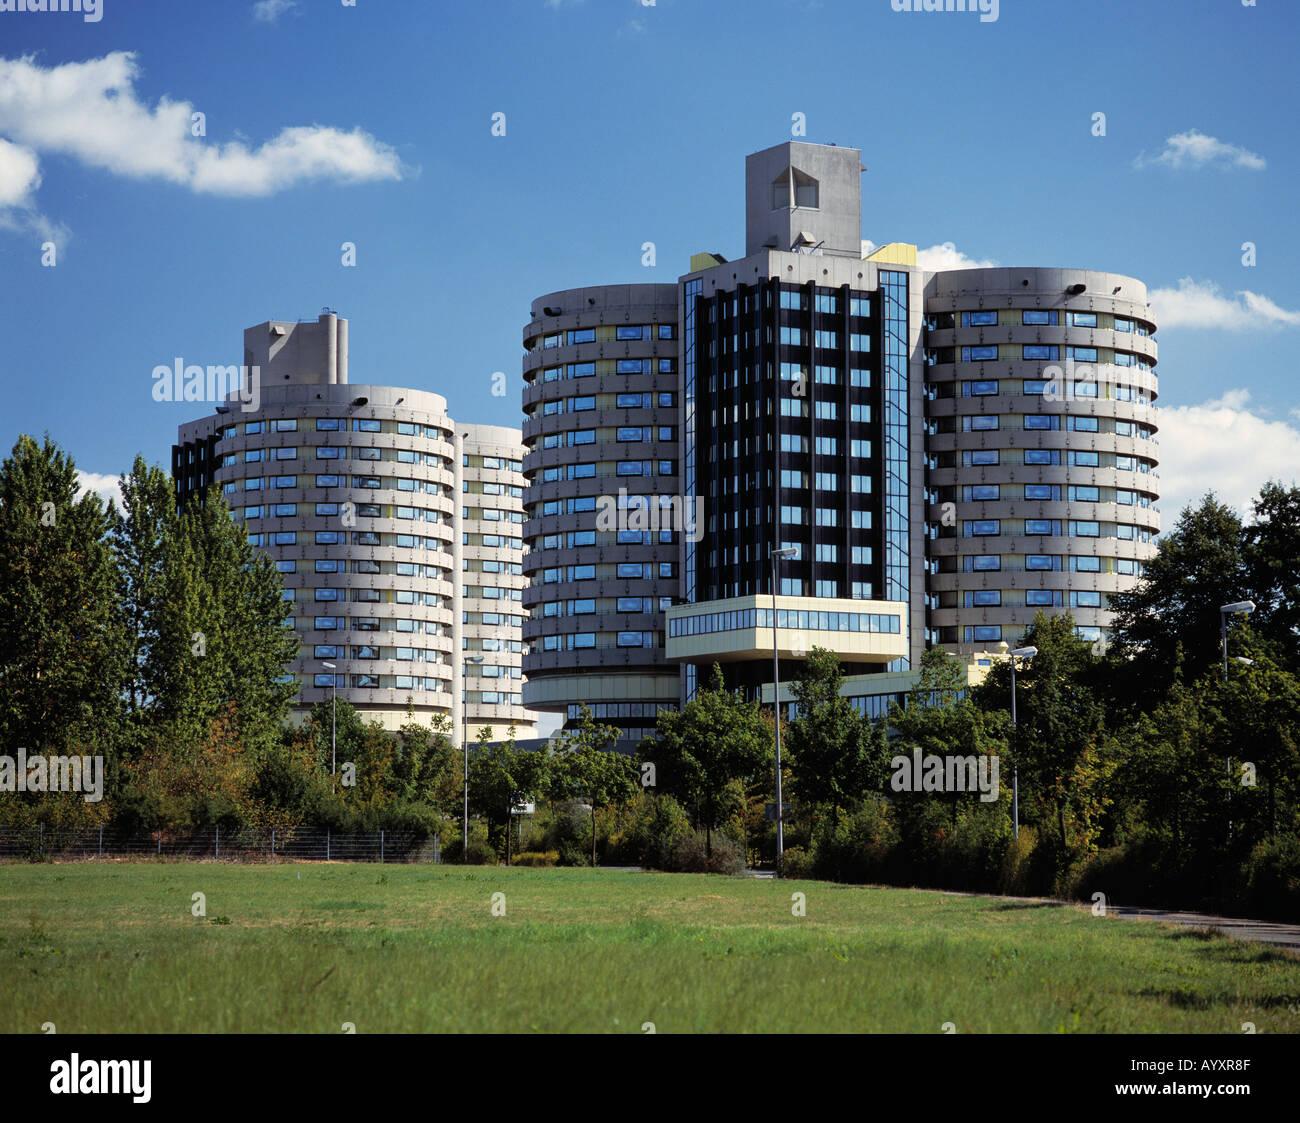 Universitaetsklinikum in Muenster, Muensterland, Nordrhein-Westfalen Stock Photo